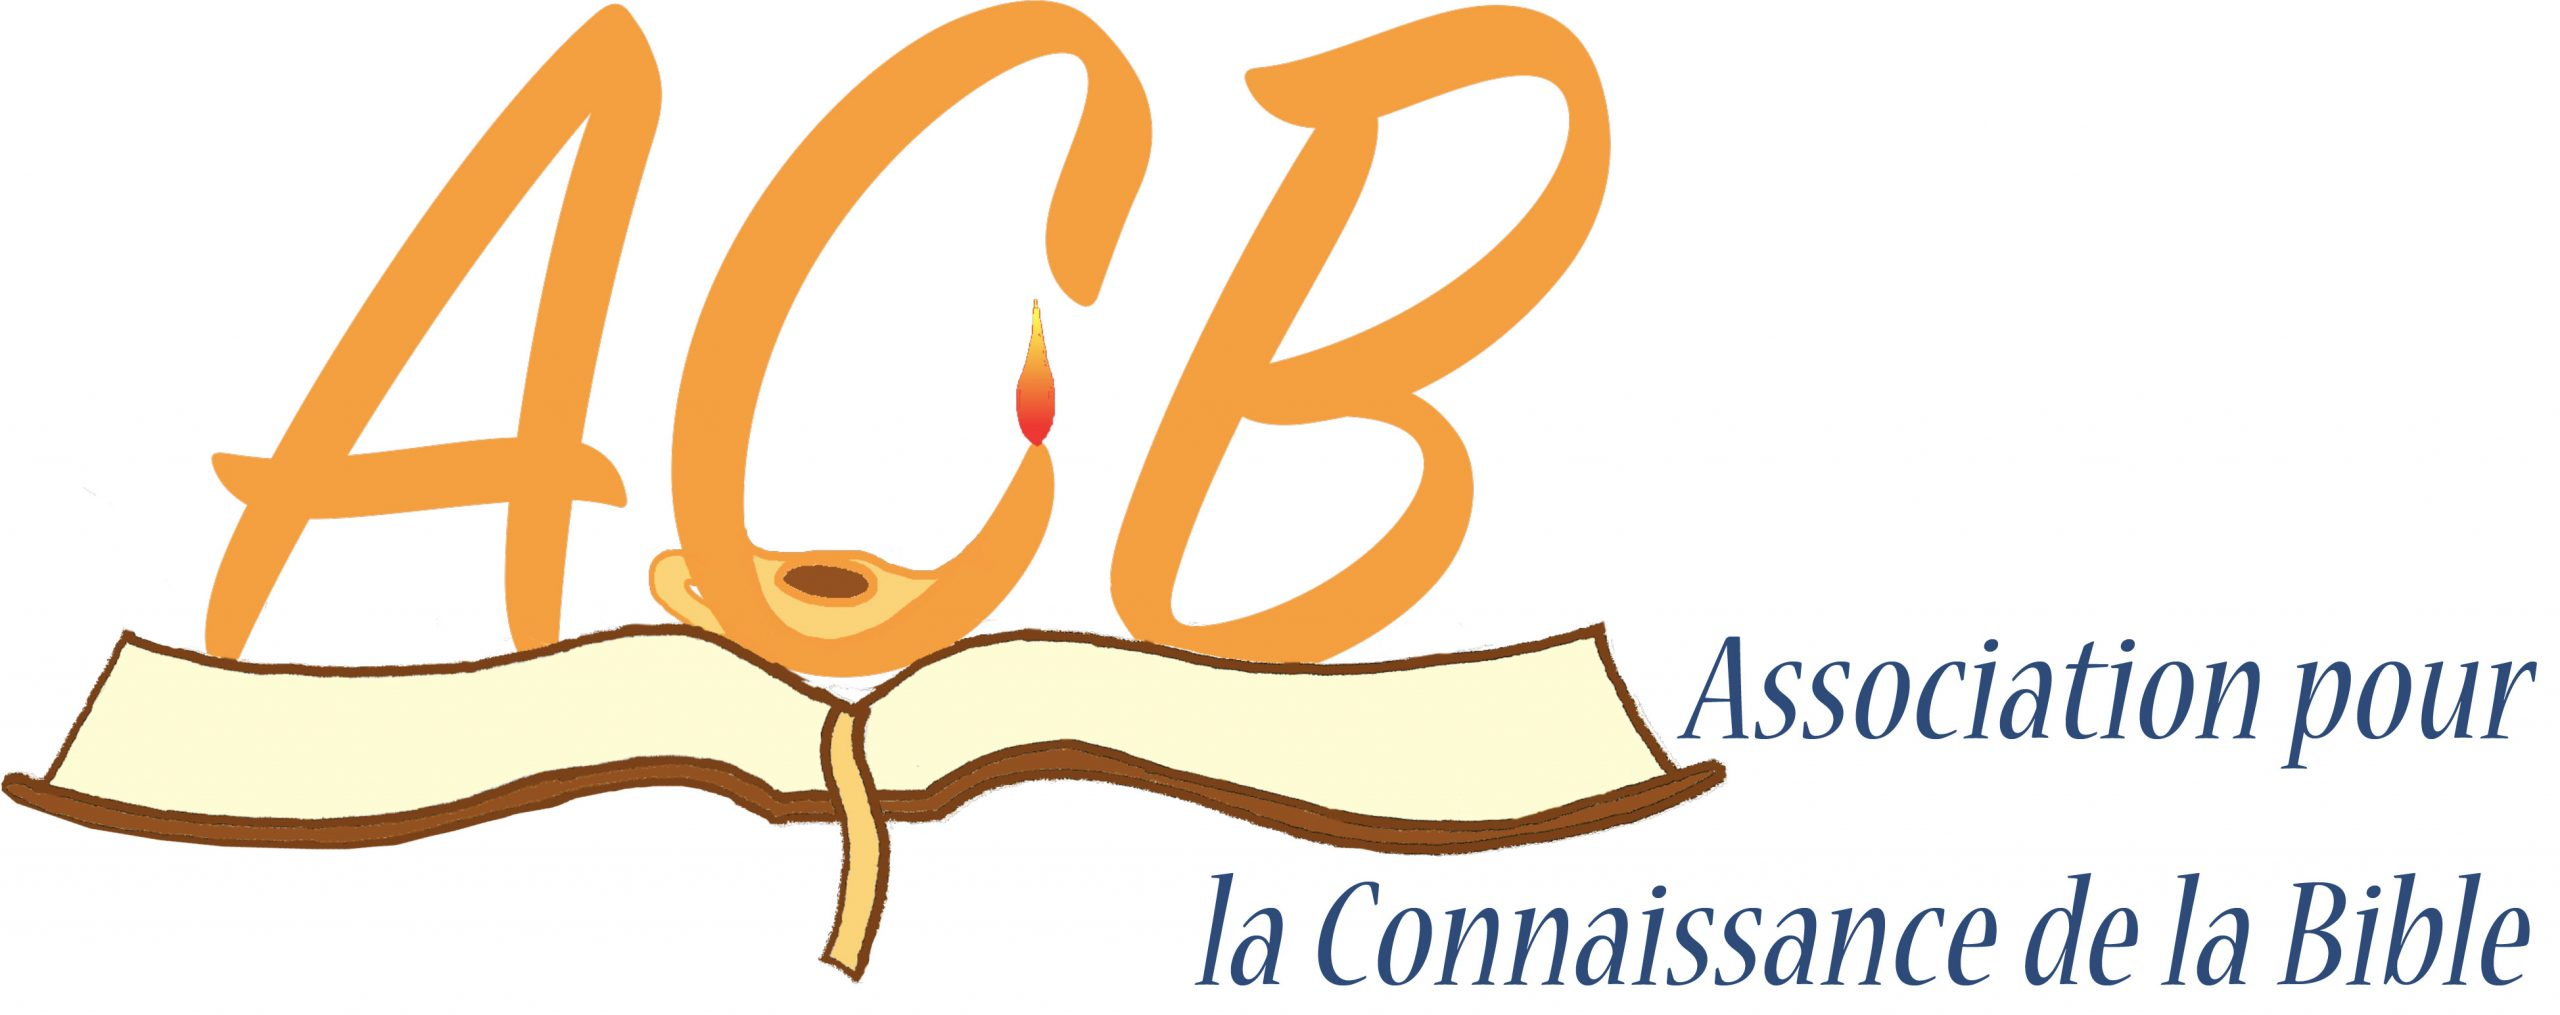 Association pour la Connaissance de la Bible